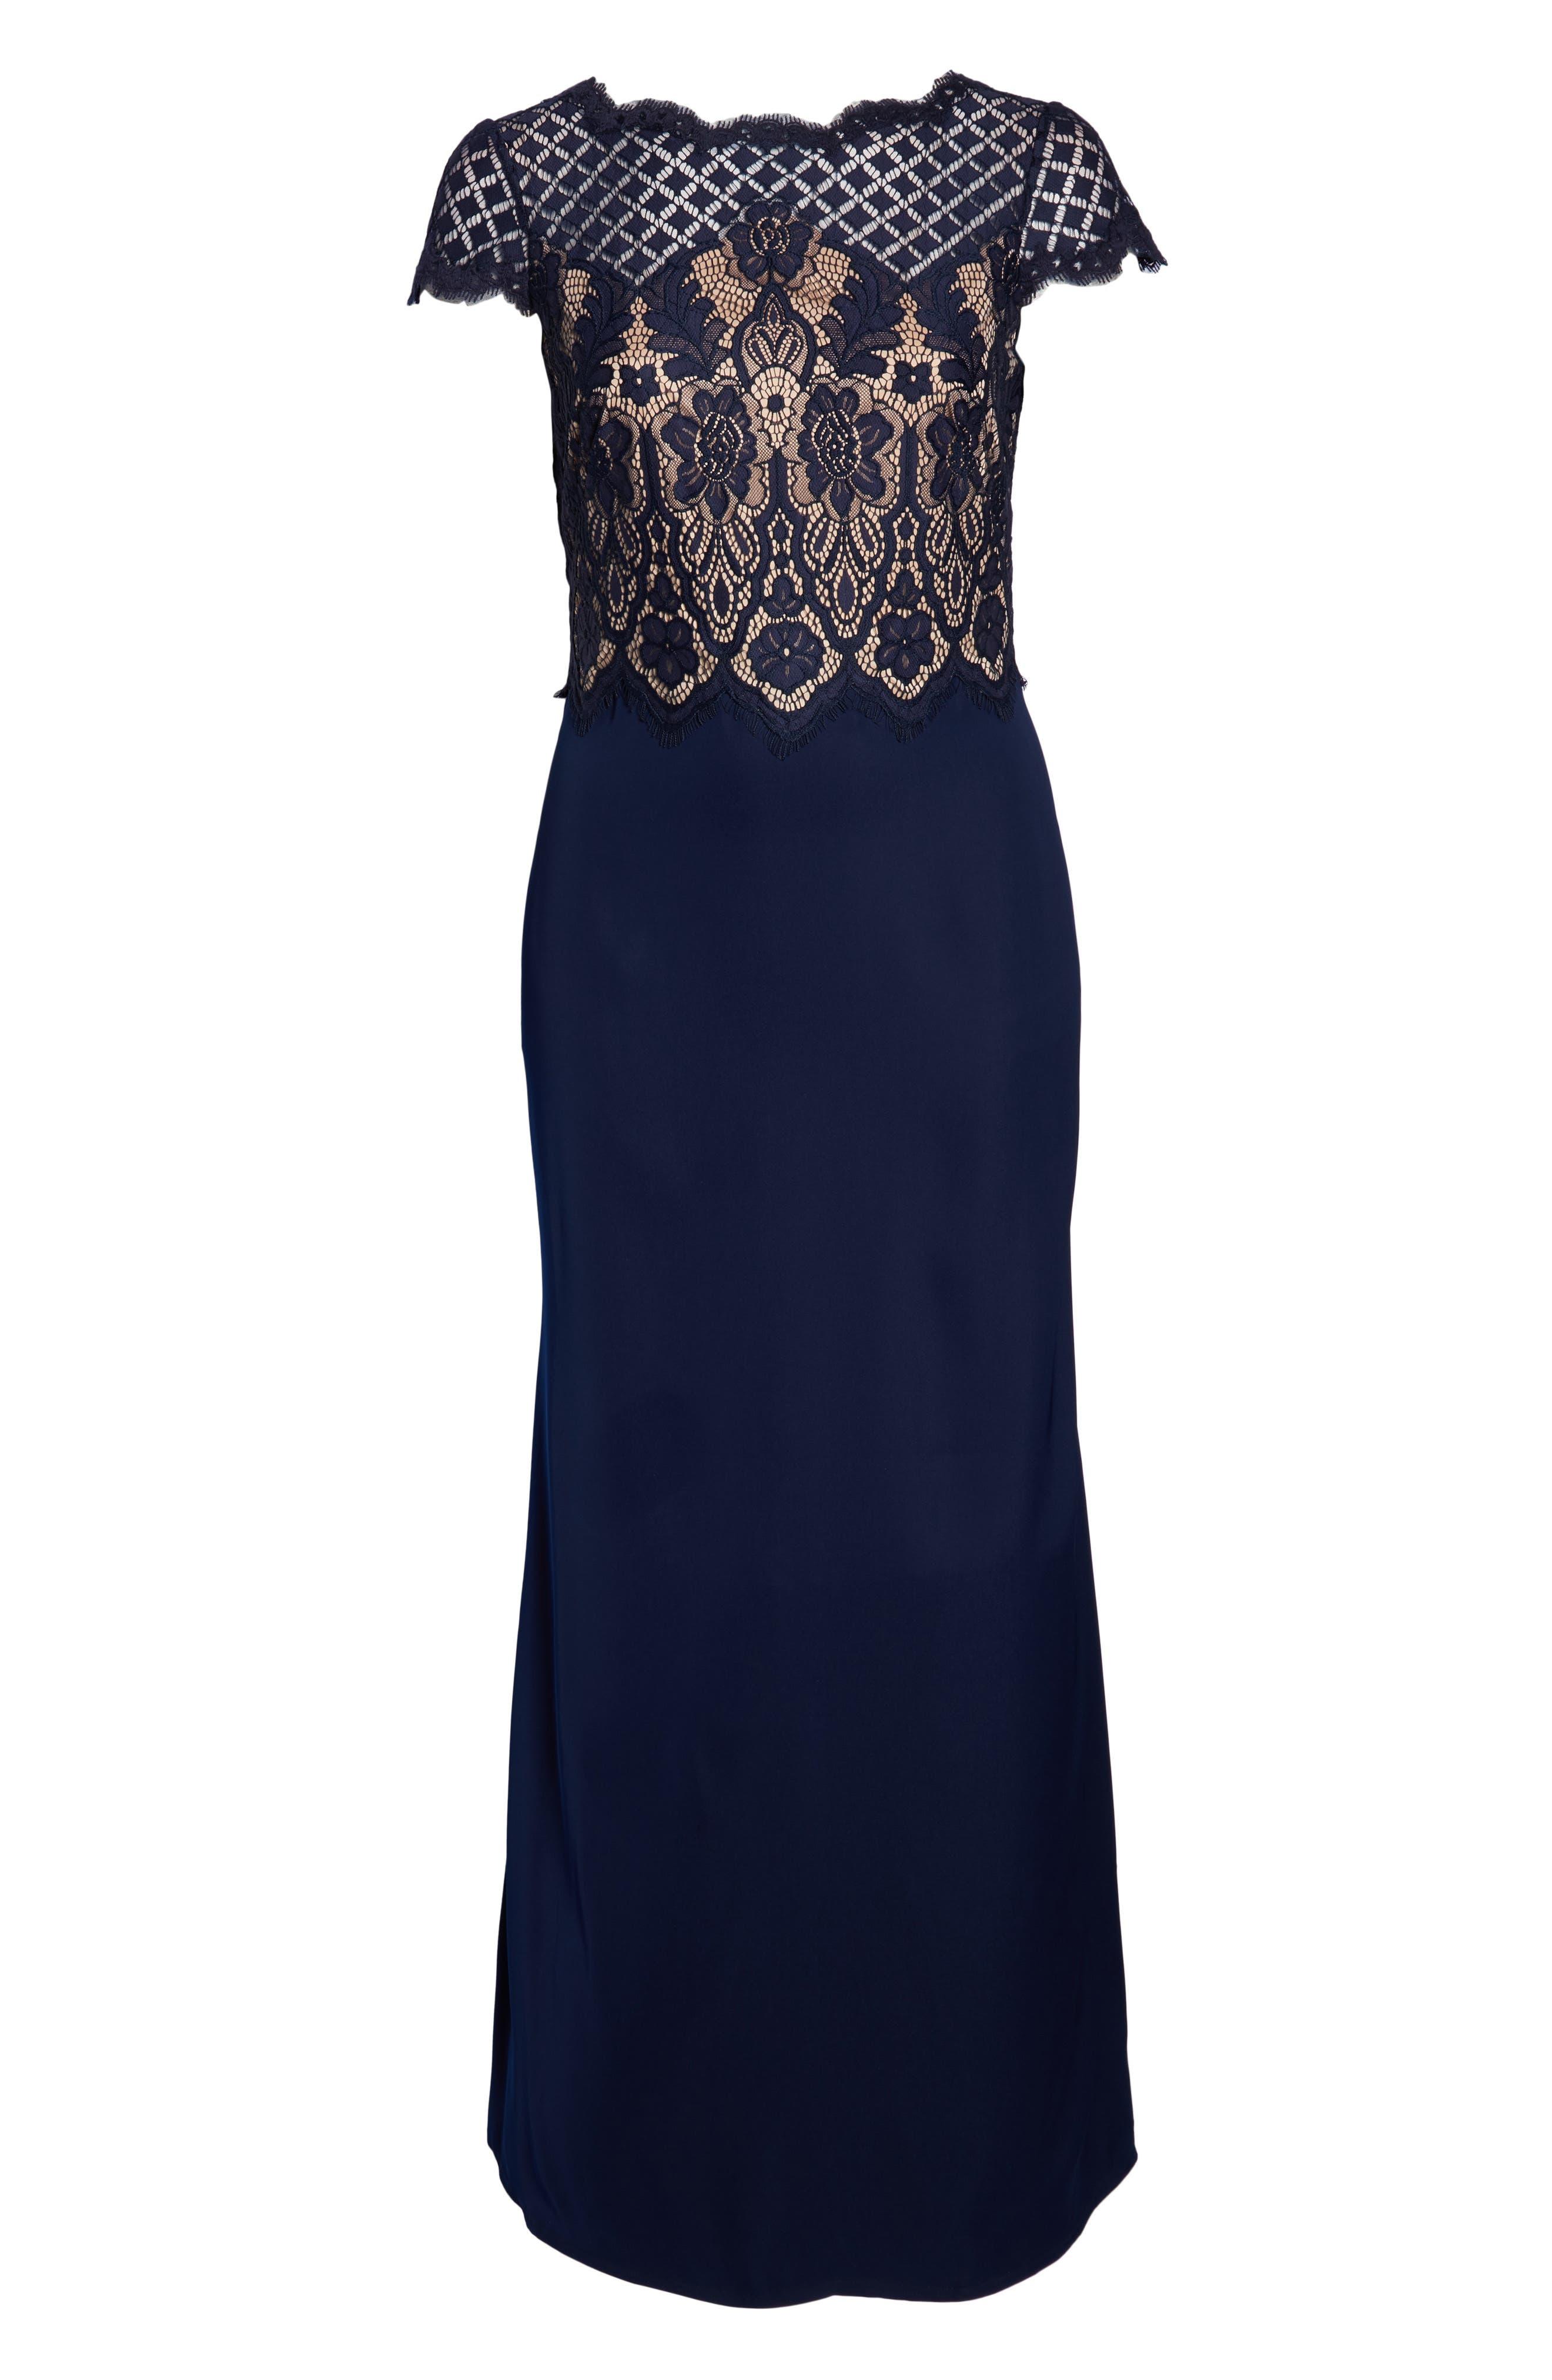 Lace & Crepe A-Line Gown,                             Alternate thumbnail 13, color,                             NAVY/ PETAL